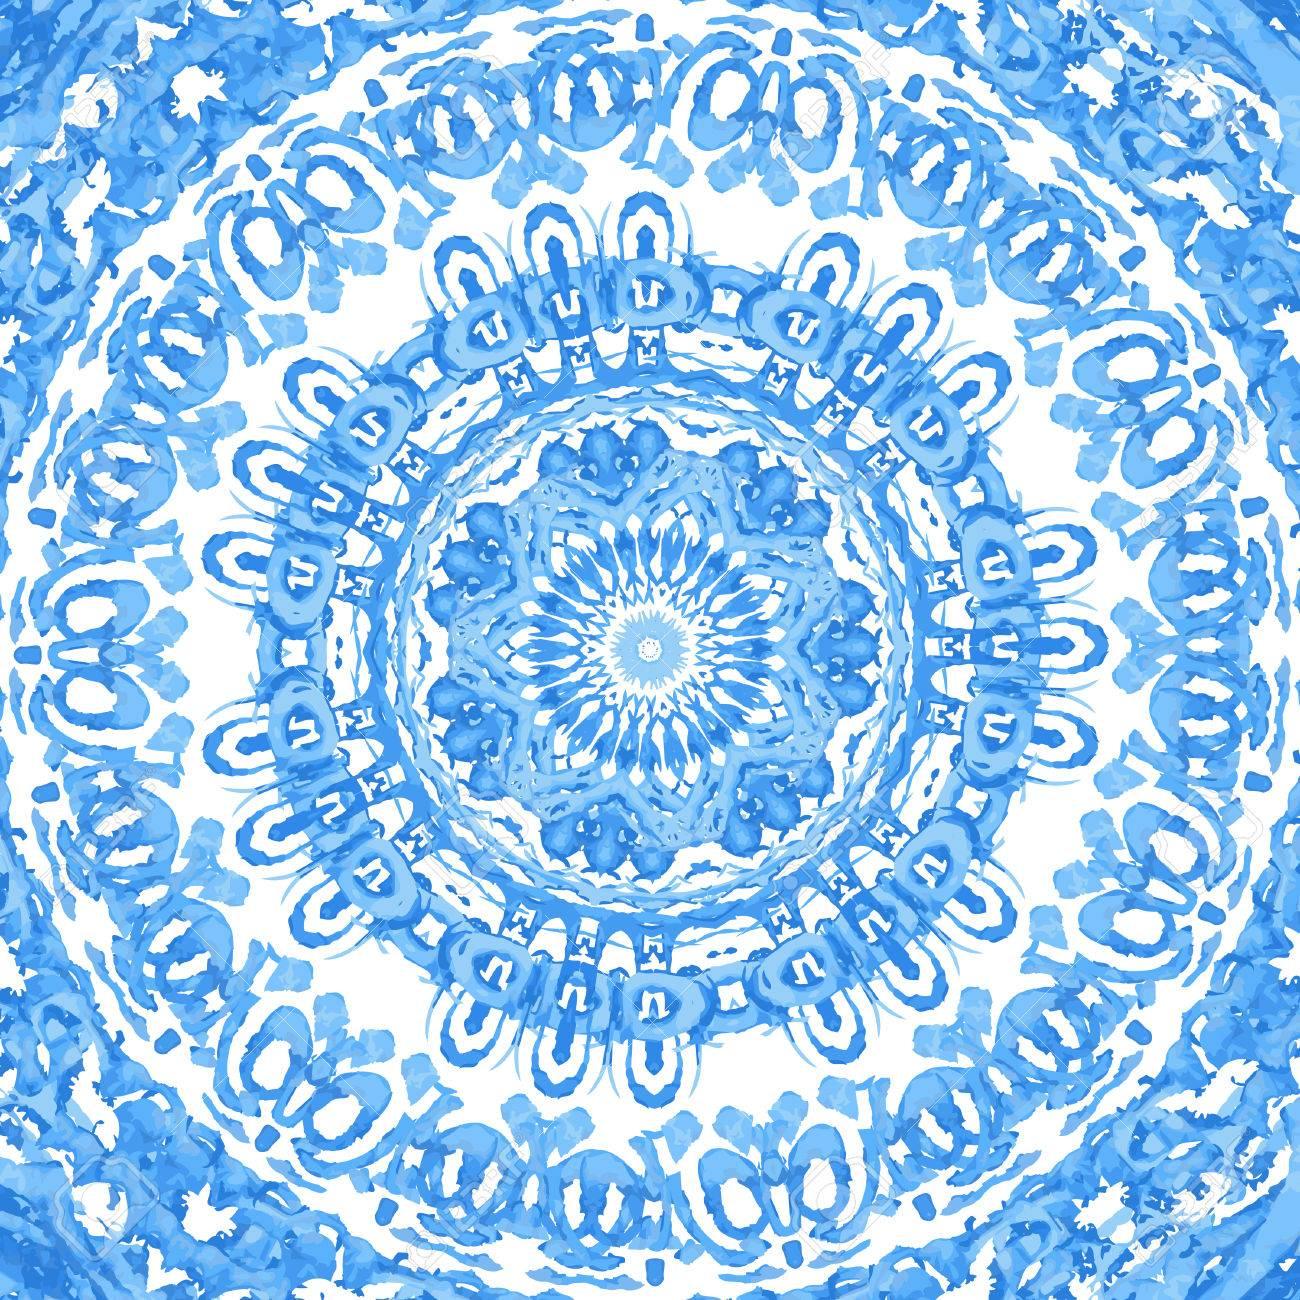 Gzhel Acuarela Tapetito Patrn De Encaje Redondo Fondo Crculo Crochet Flower Motif Motivos Hexagonales Pinterest Con Muchos Detalles Se Parece A Hecho Mano Designsorient Arabesco Ornamento Tradicional Orientales